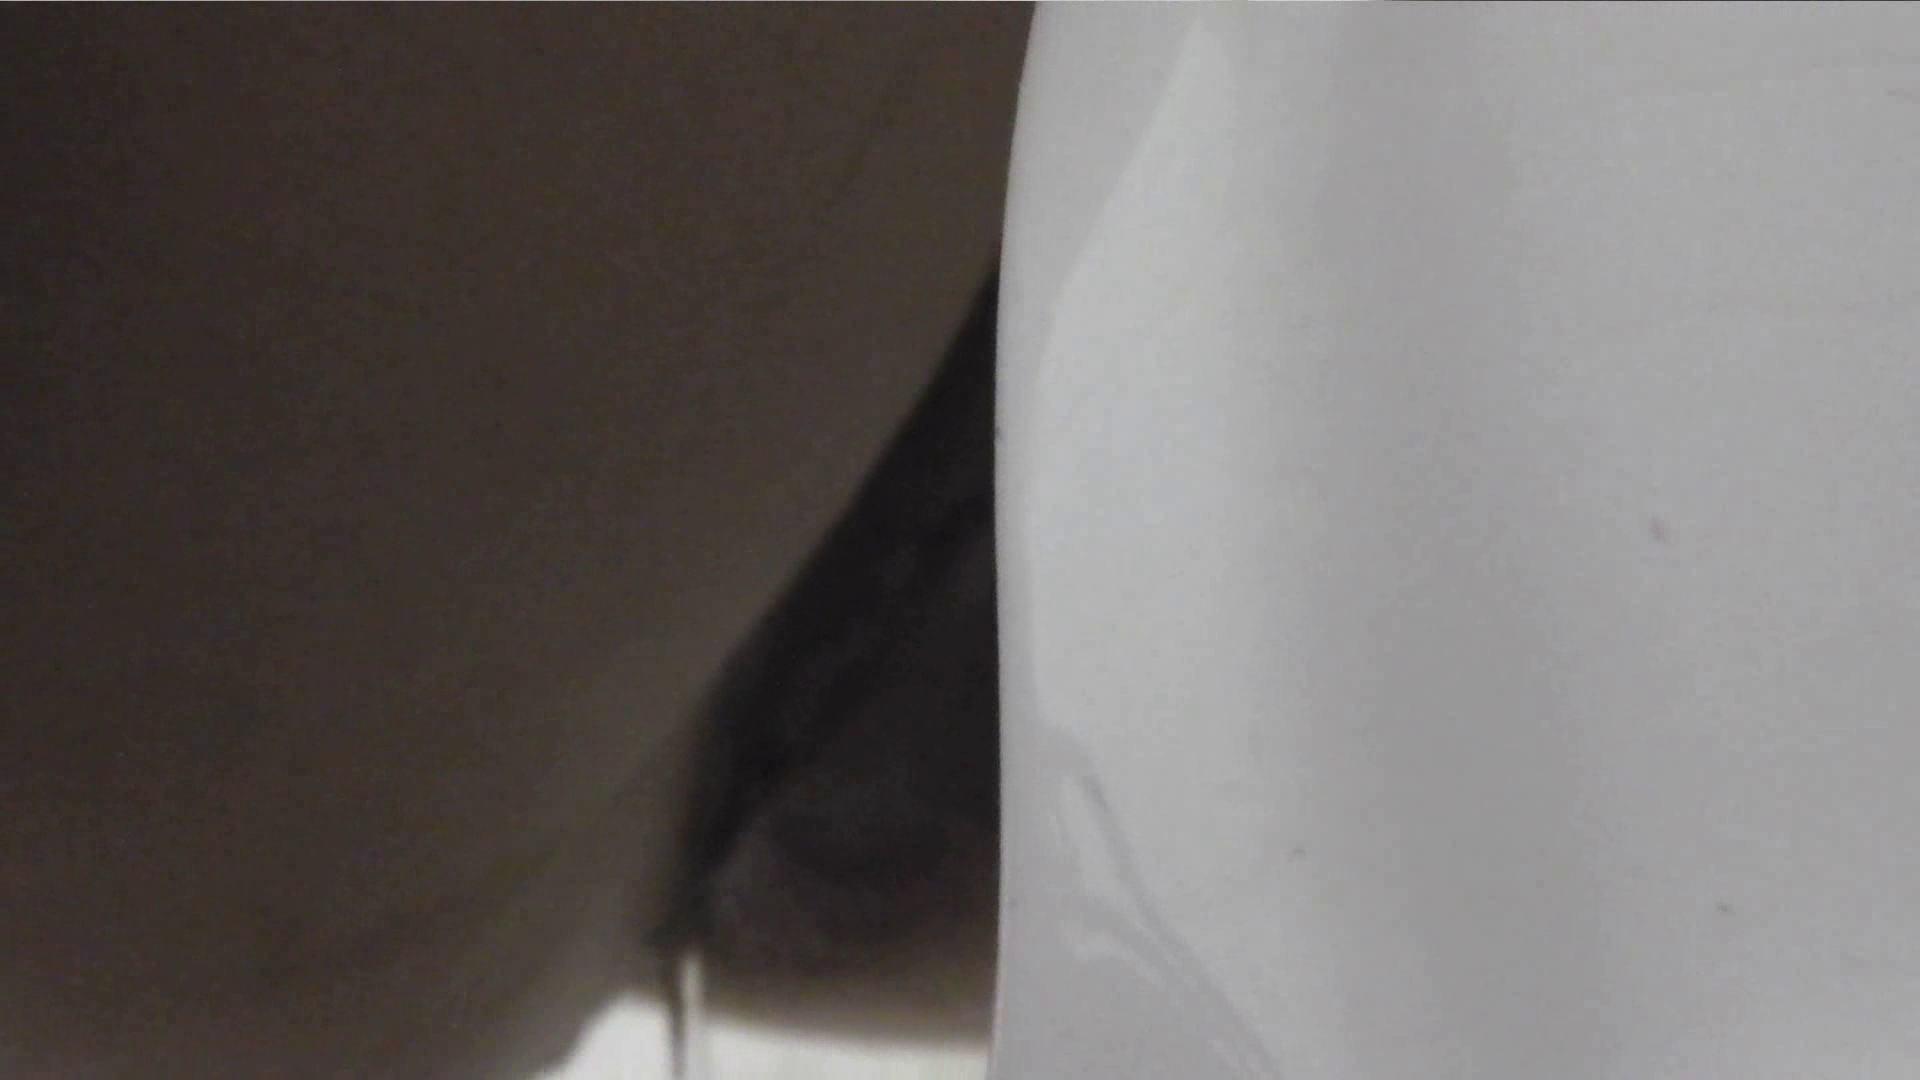 洗面所特攻隊 vol.001 清楚な美脚さん 洗面所   OL女体  104連発 15